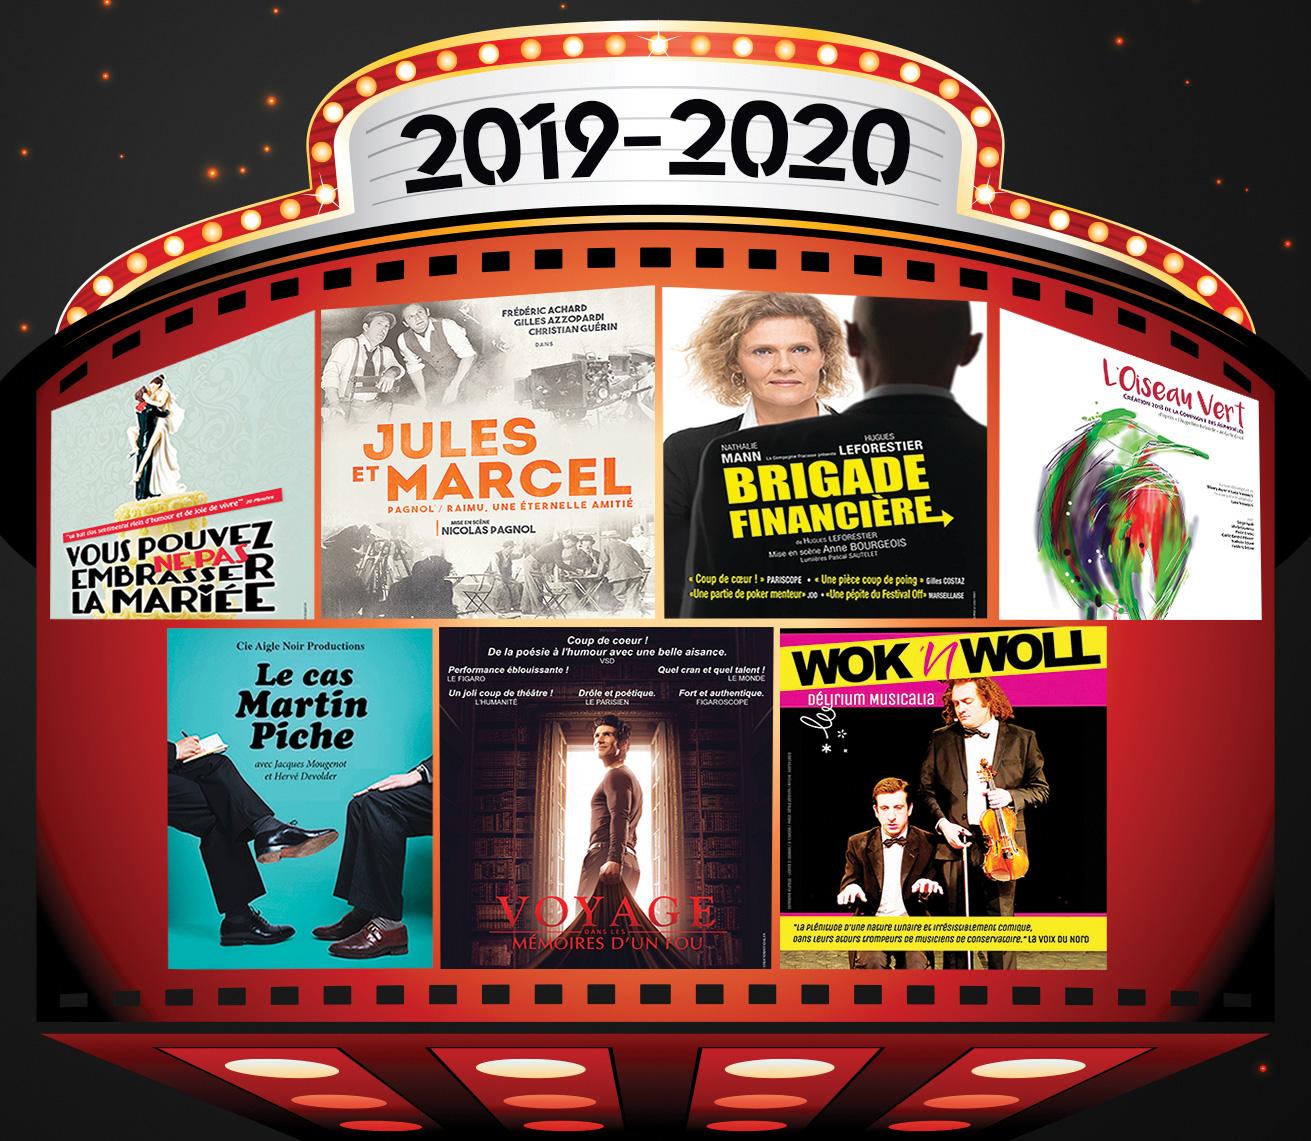 Découvrez le programme 2019-2020